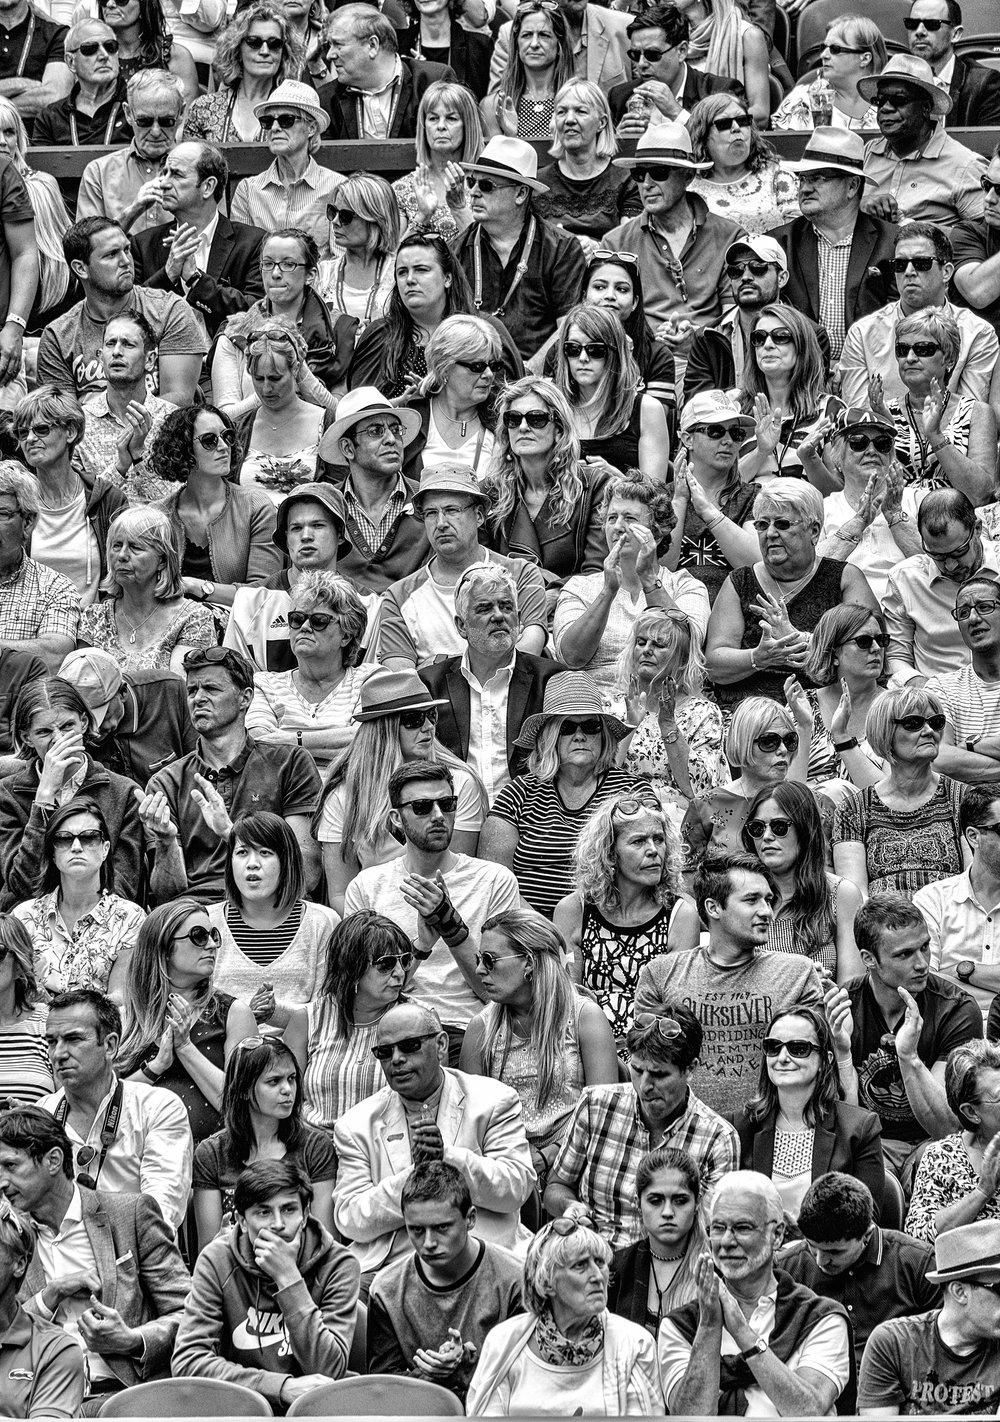 Crowd wimbledon.jpg